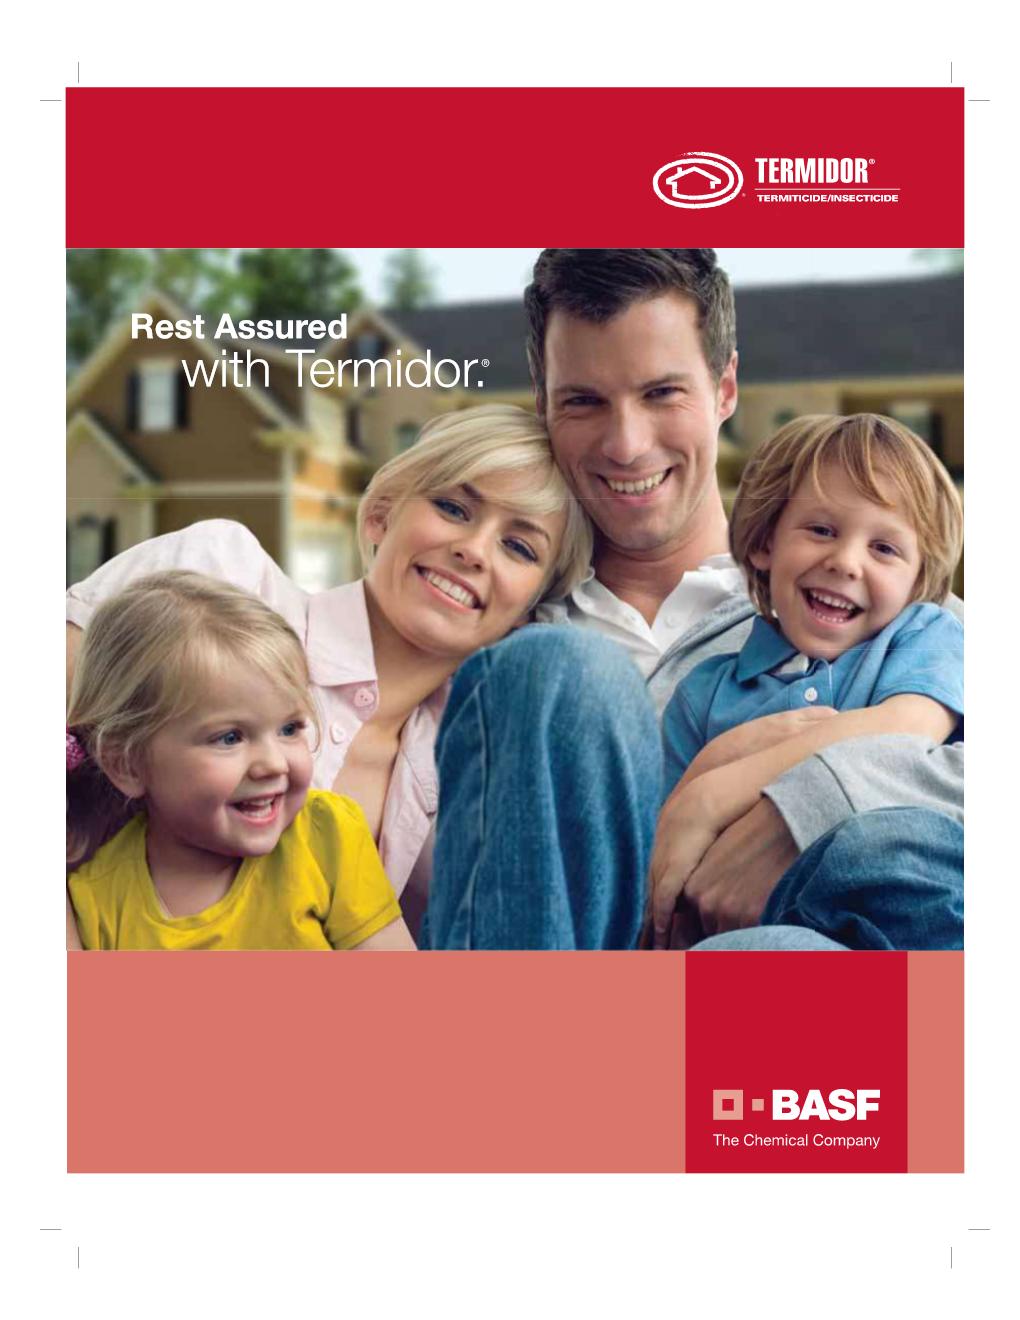 termidor-brochure-cover